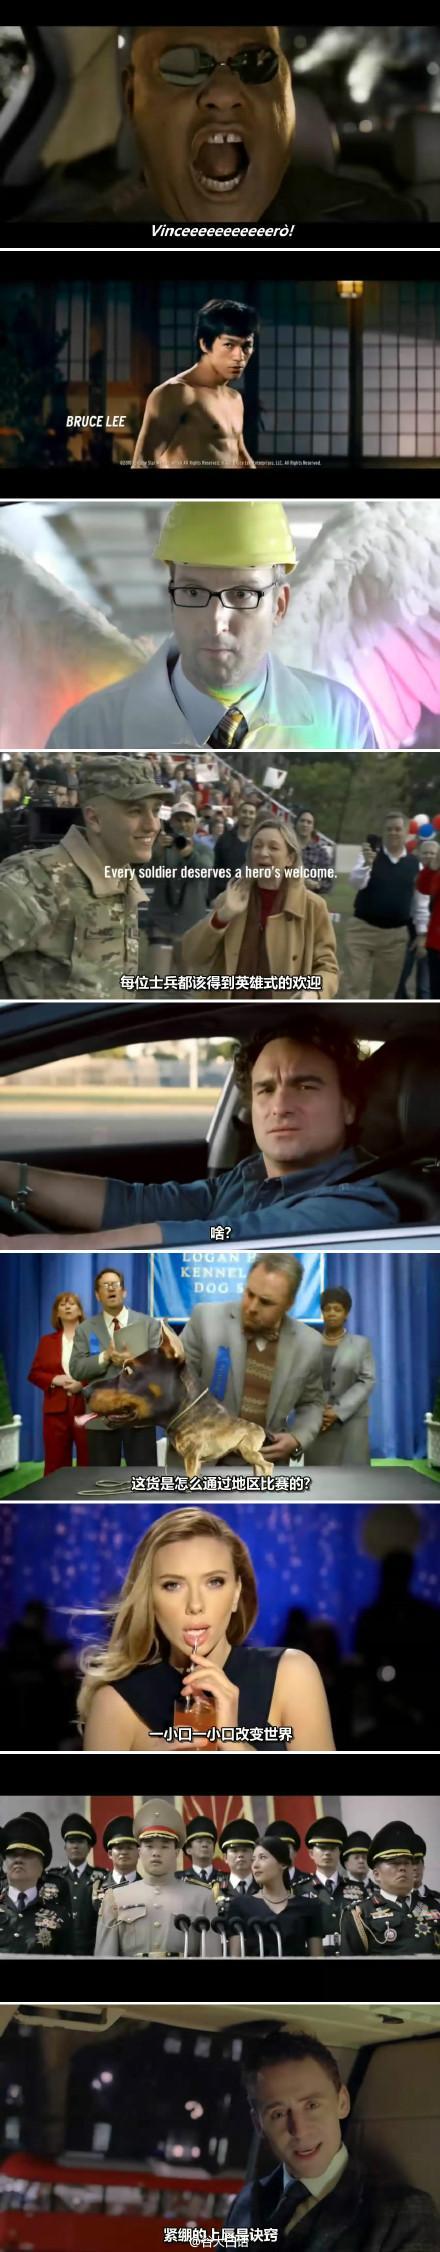 2014超级碗广告合集-中字